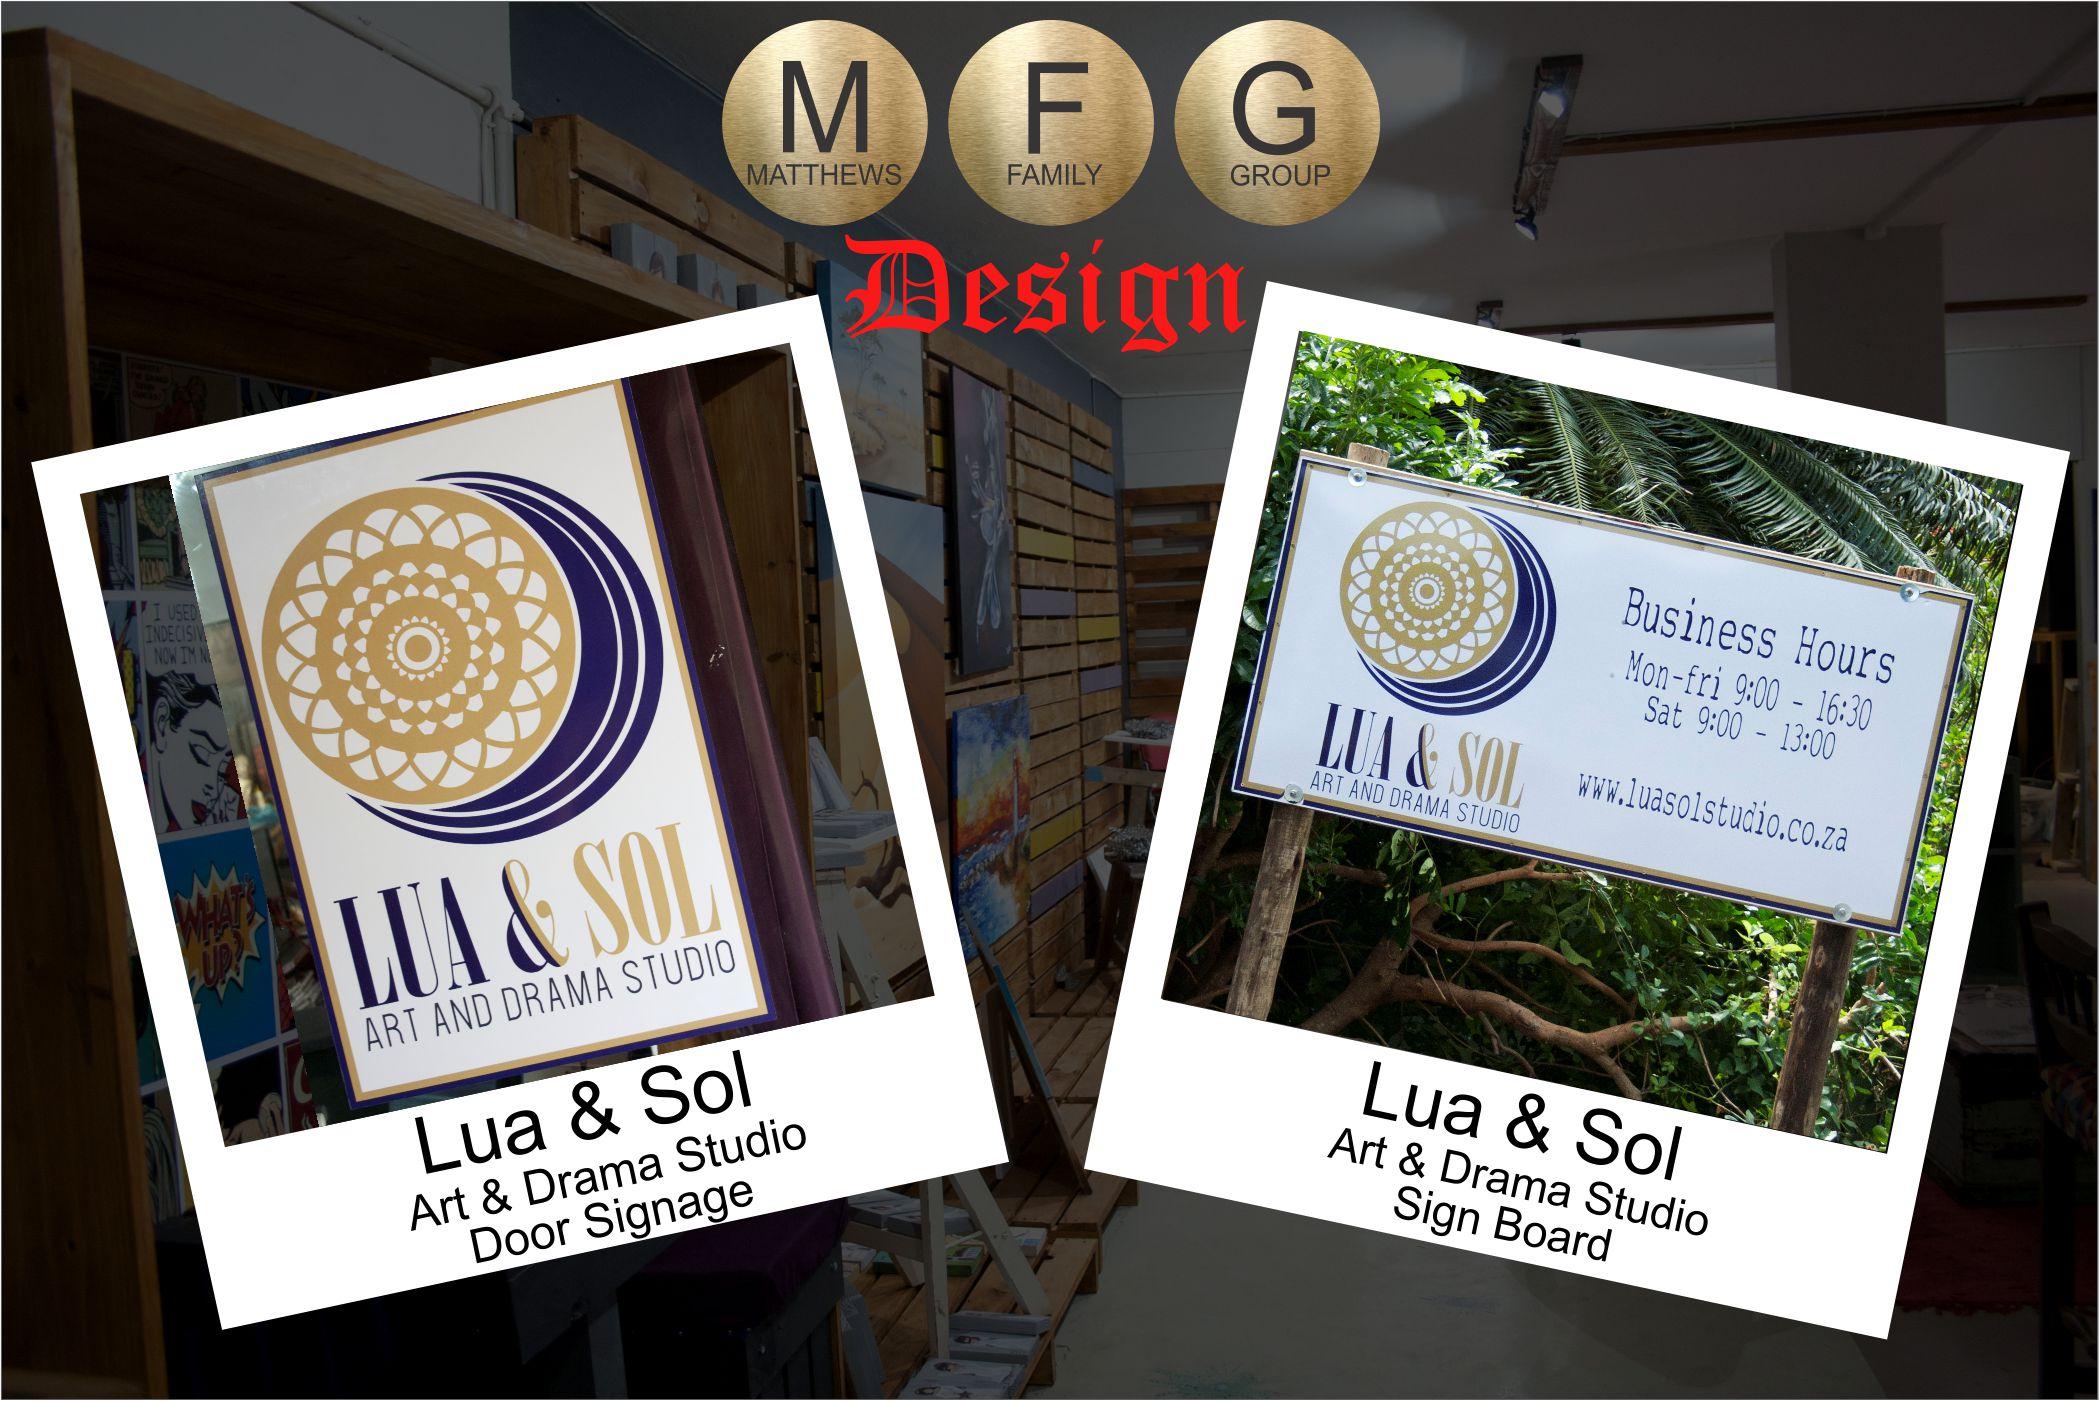 Lua & Sol Signage